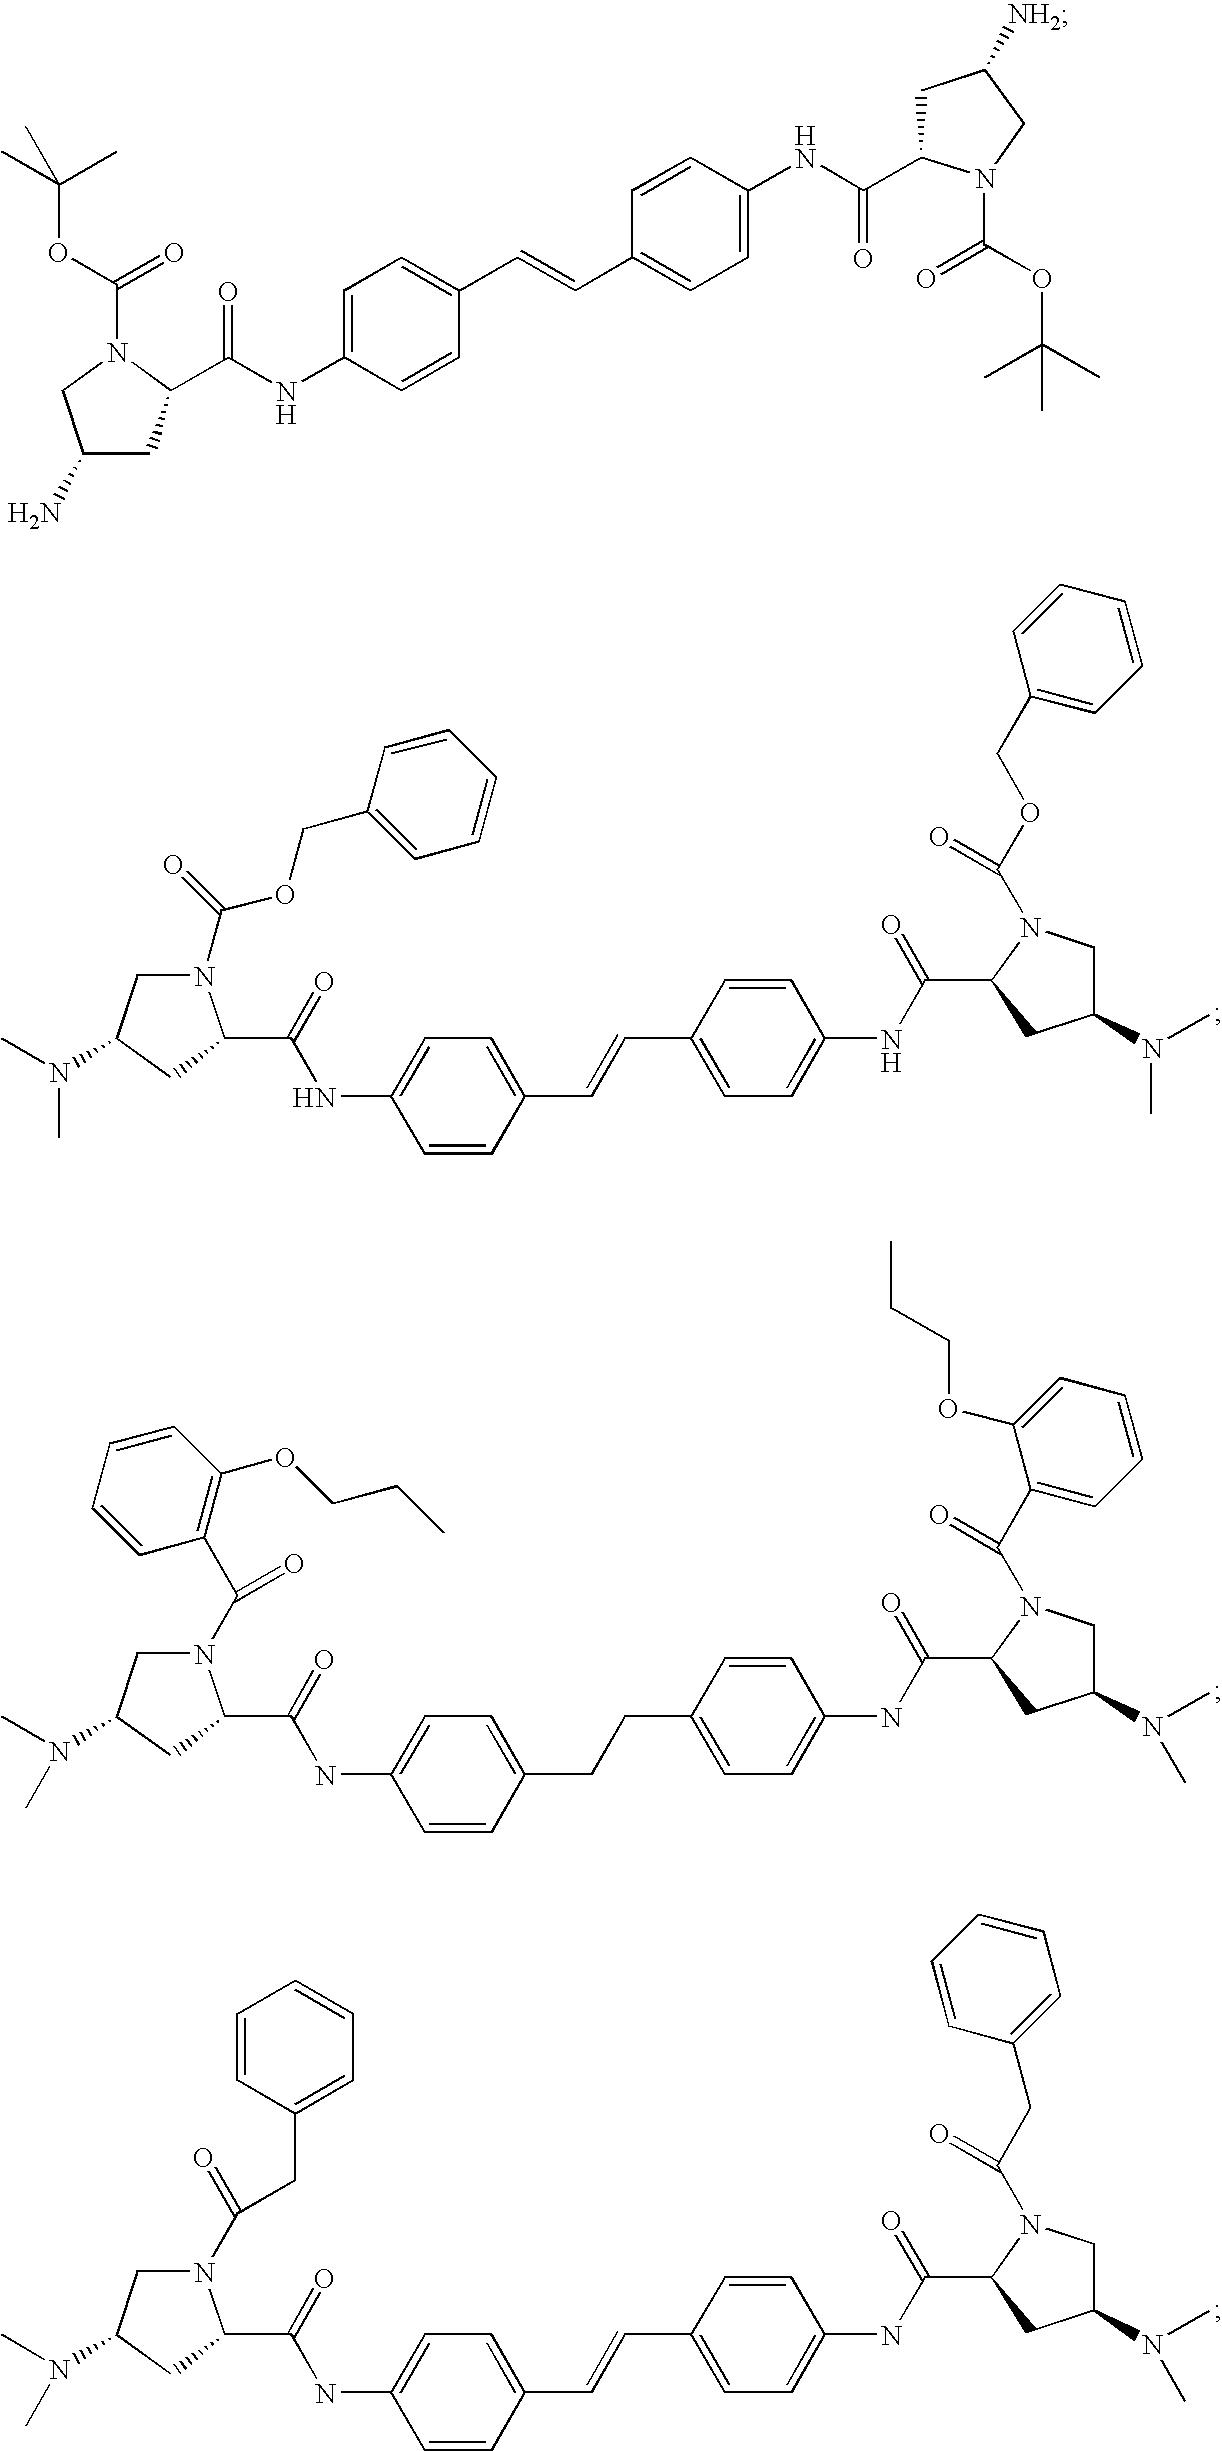 Figure US08143288-20120327-C00358